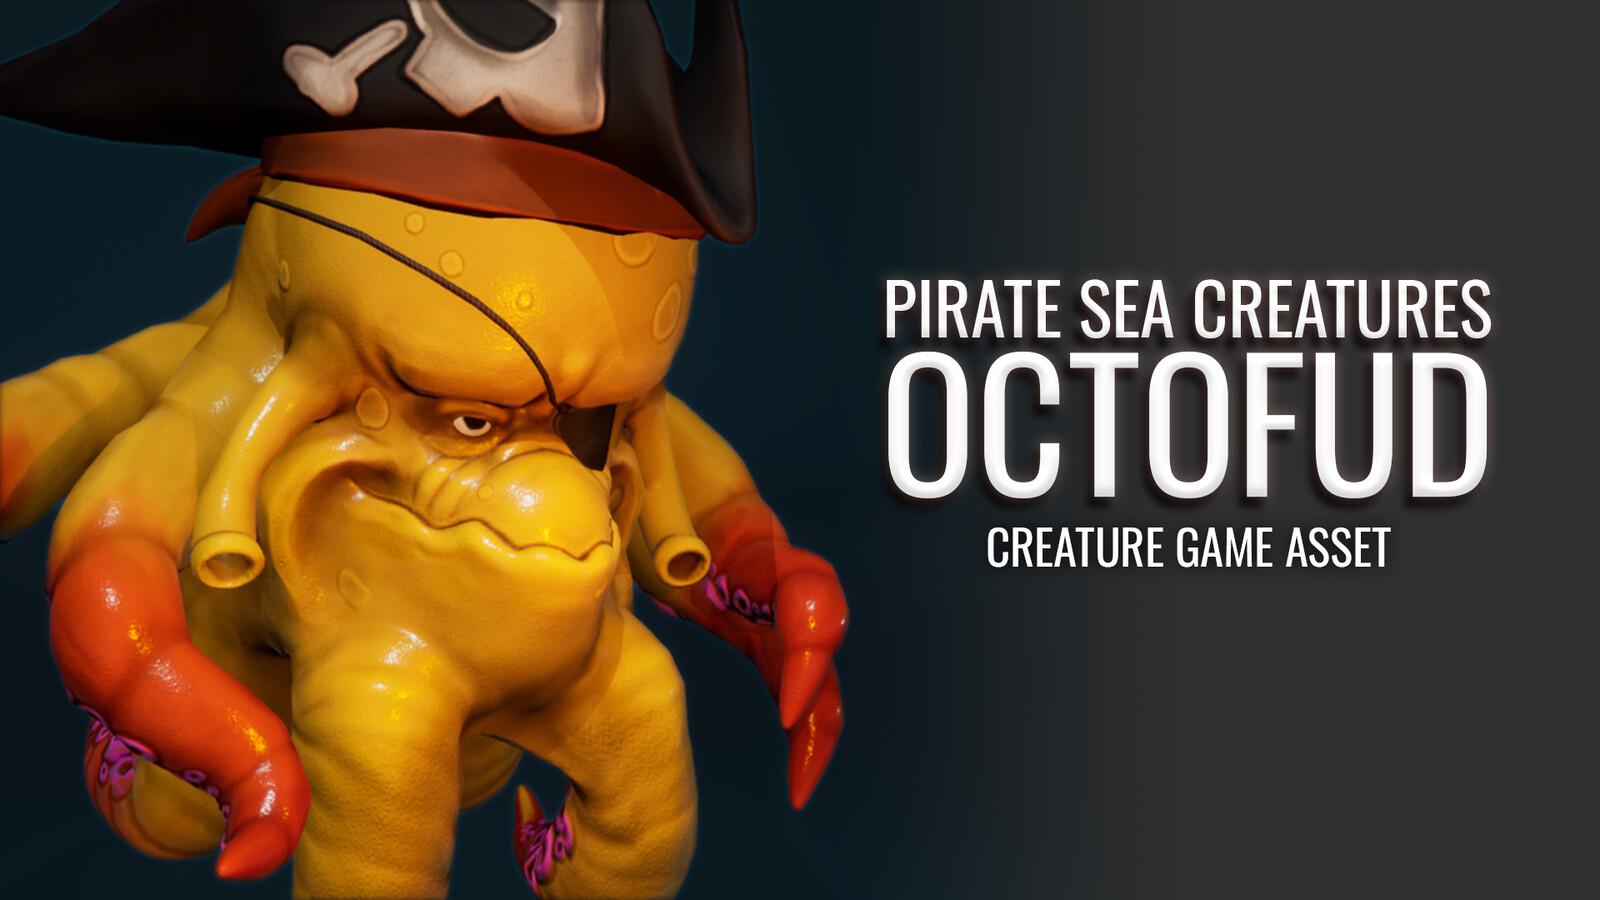 Octofud - Pirate Octopus